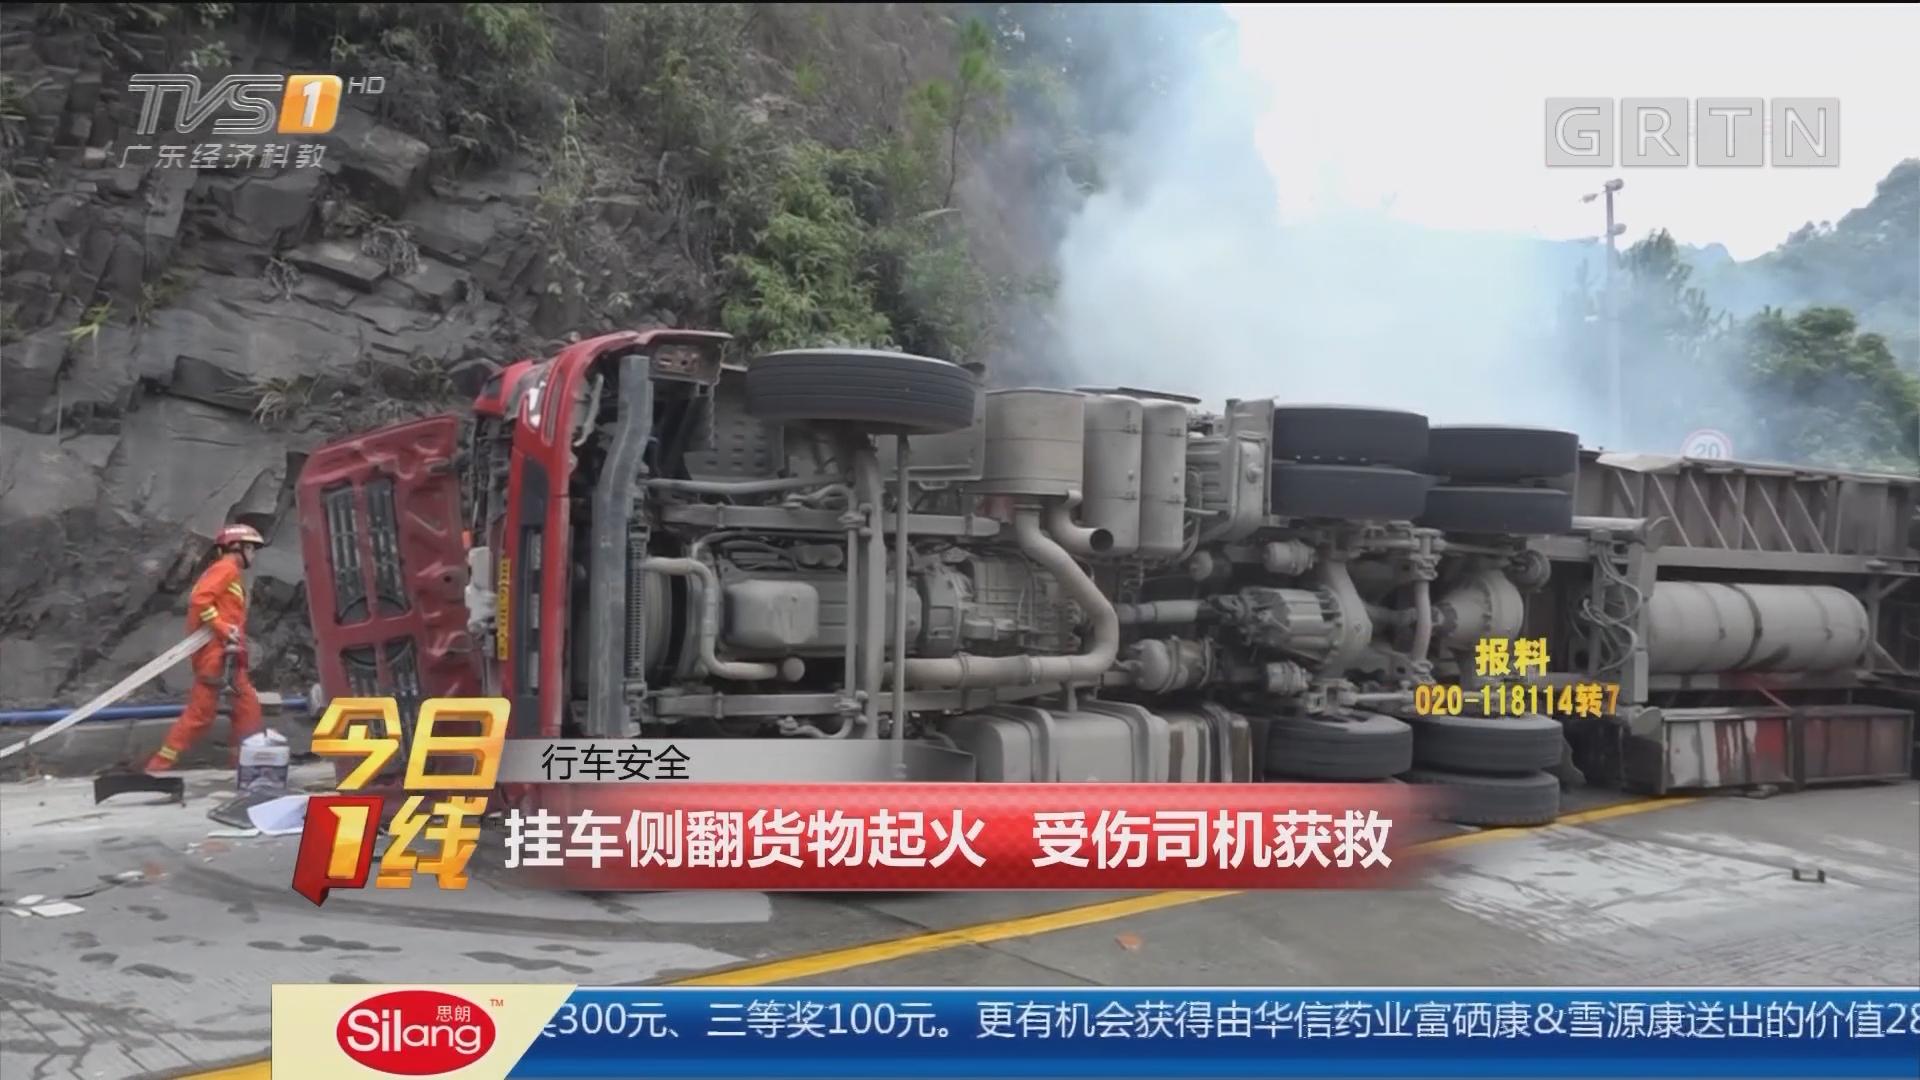 行车安全:挂车侧翻货物起火 受伤司机获救